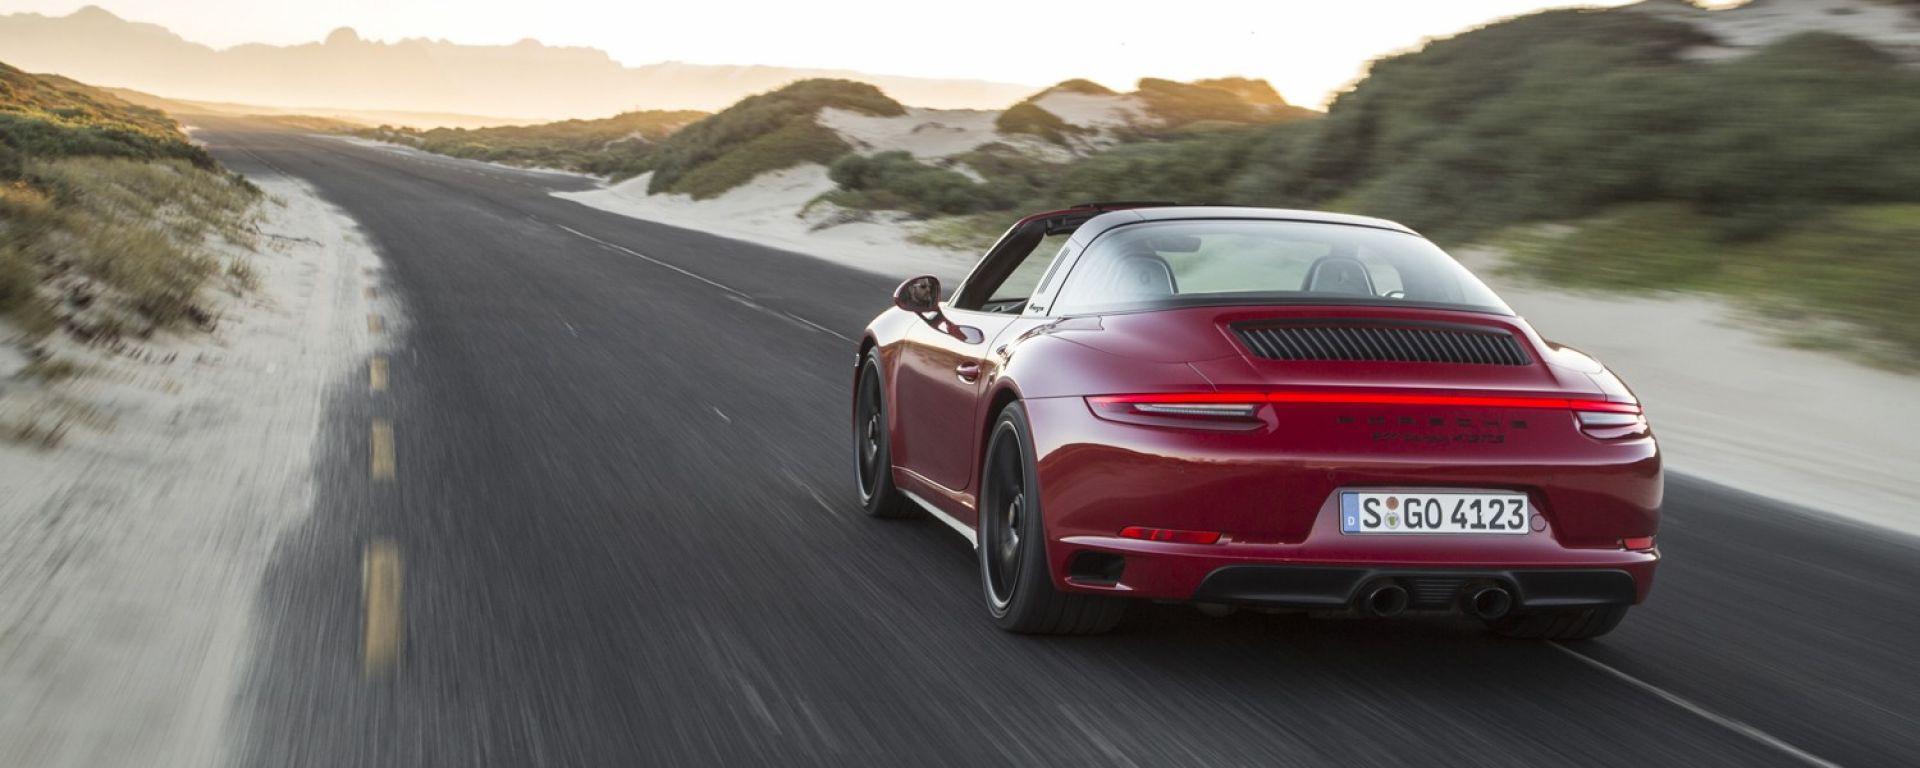 Porsche 911 GTS 2017: prova, dotazioni, prezzi [VIDEO]